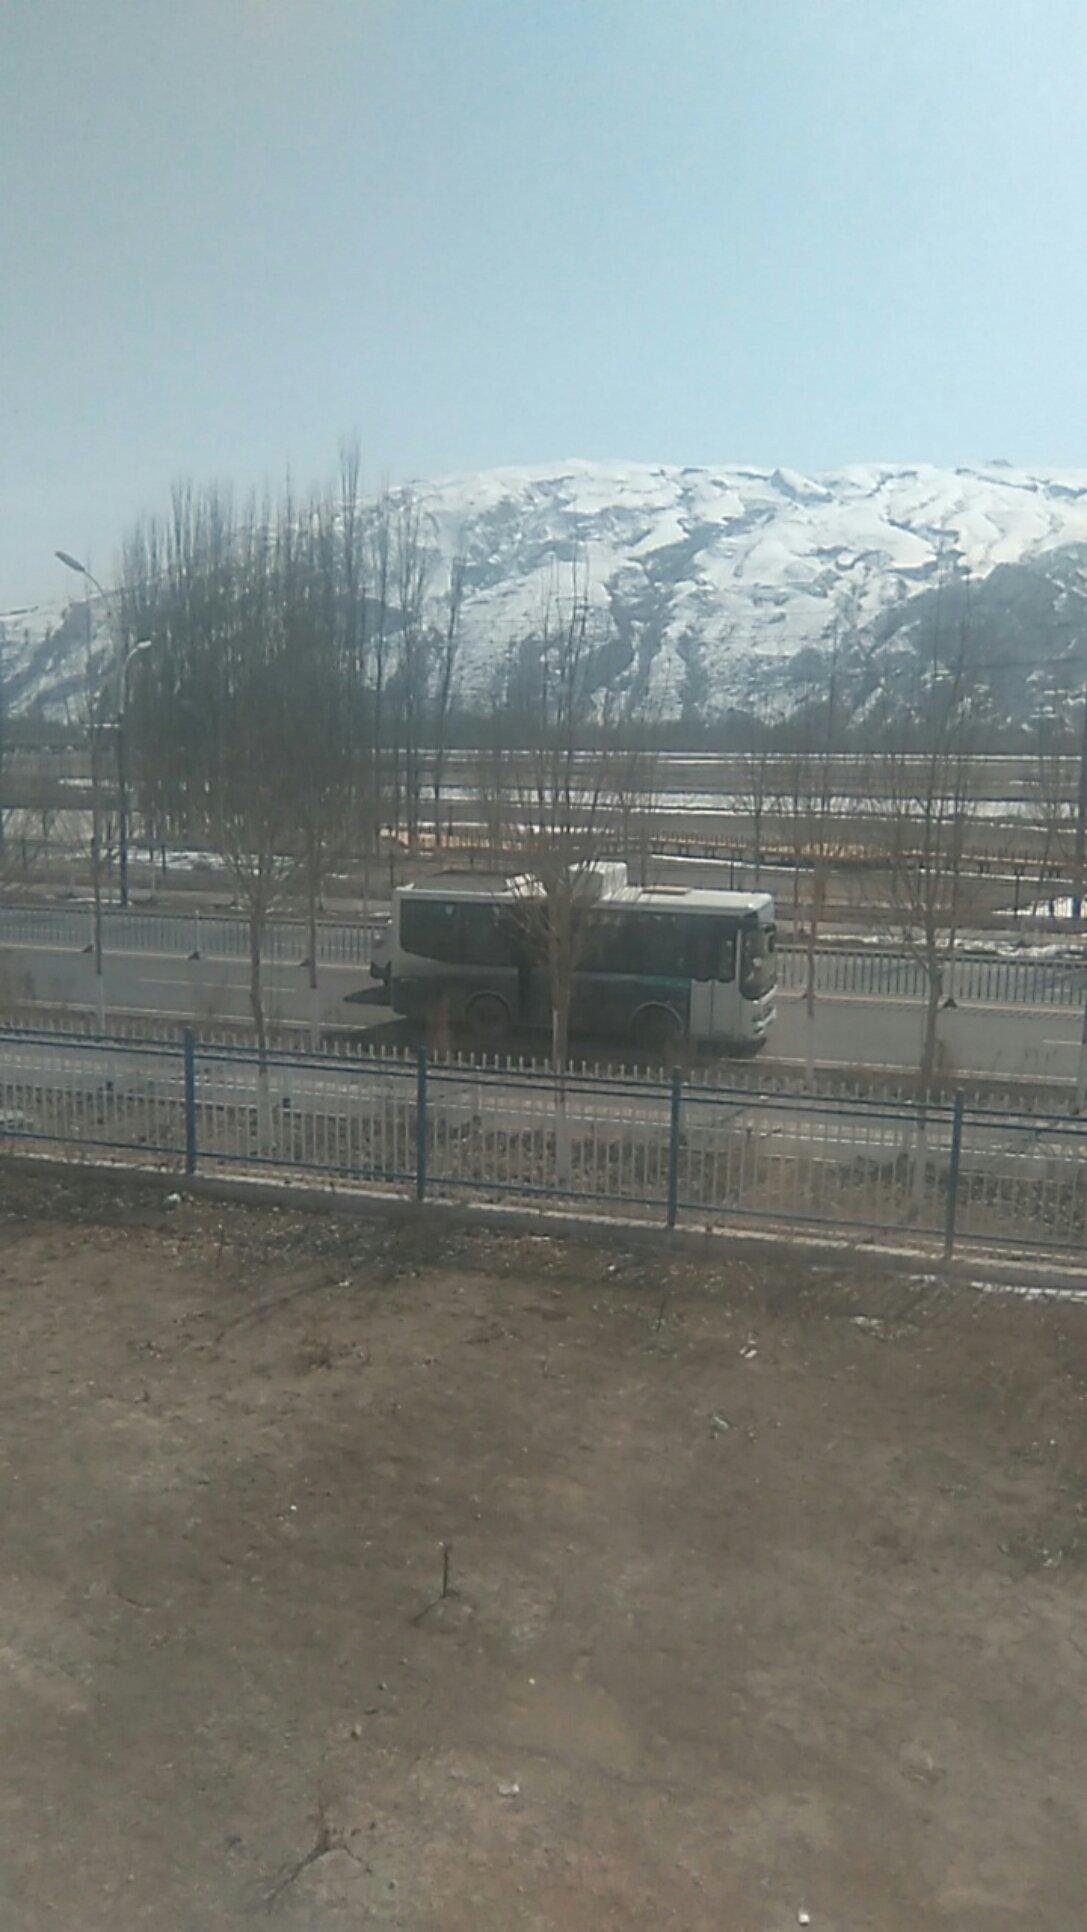 新疆维吾尔自治区克孜勒苏柯尔克孜自治州阿合奇县牙狼奇路靠近牙朗奇村天气预报